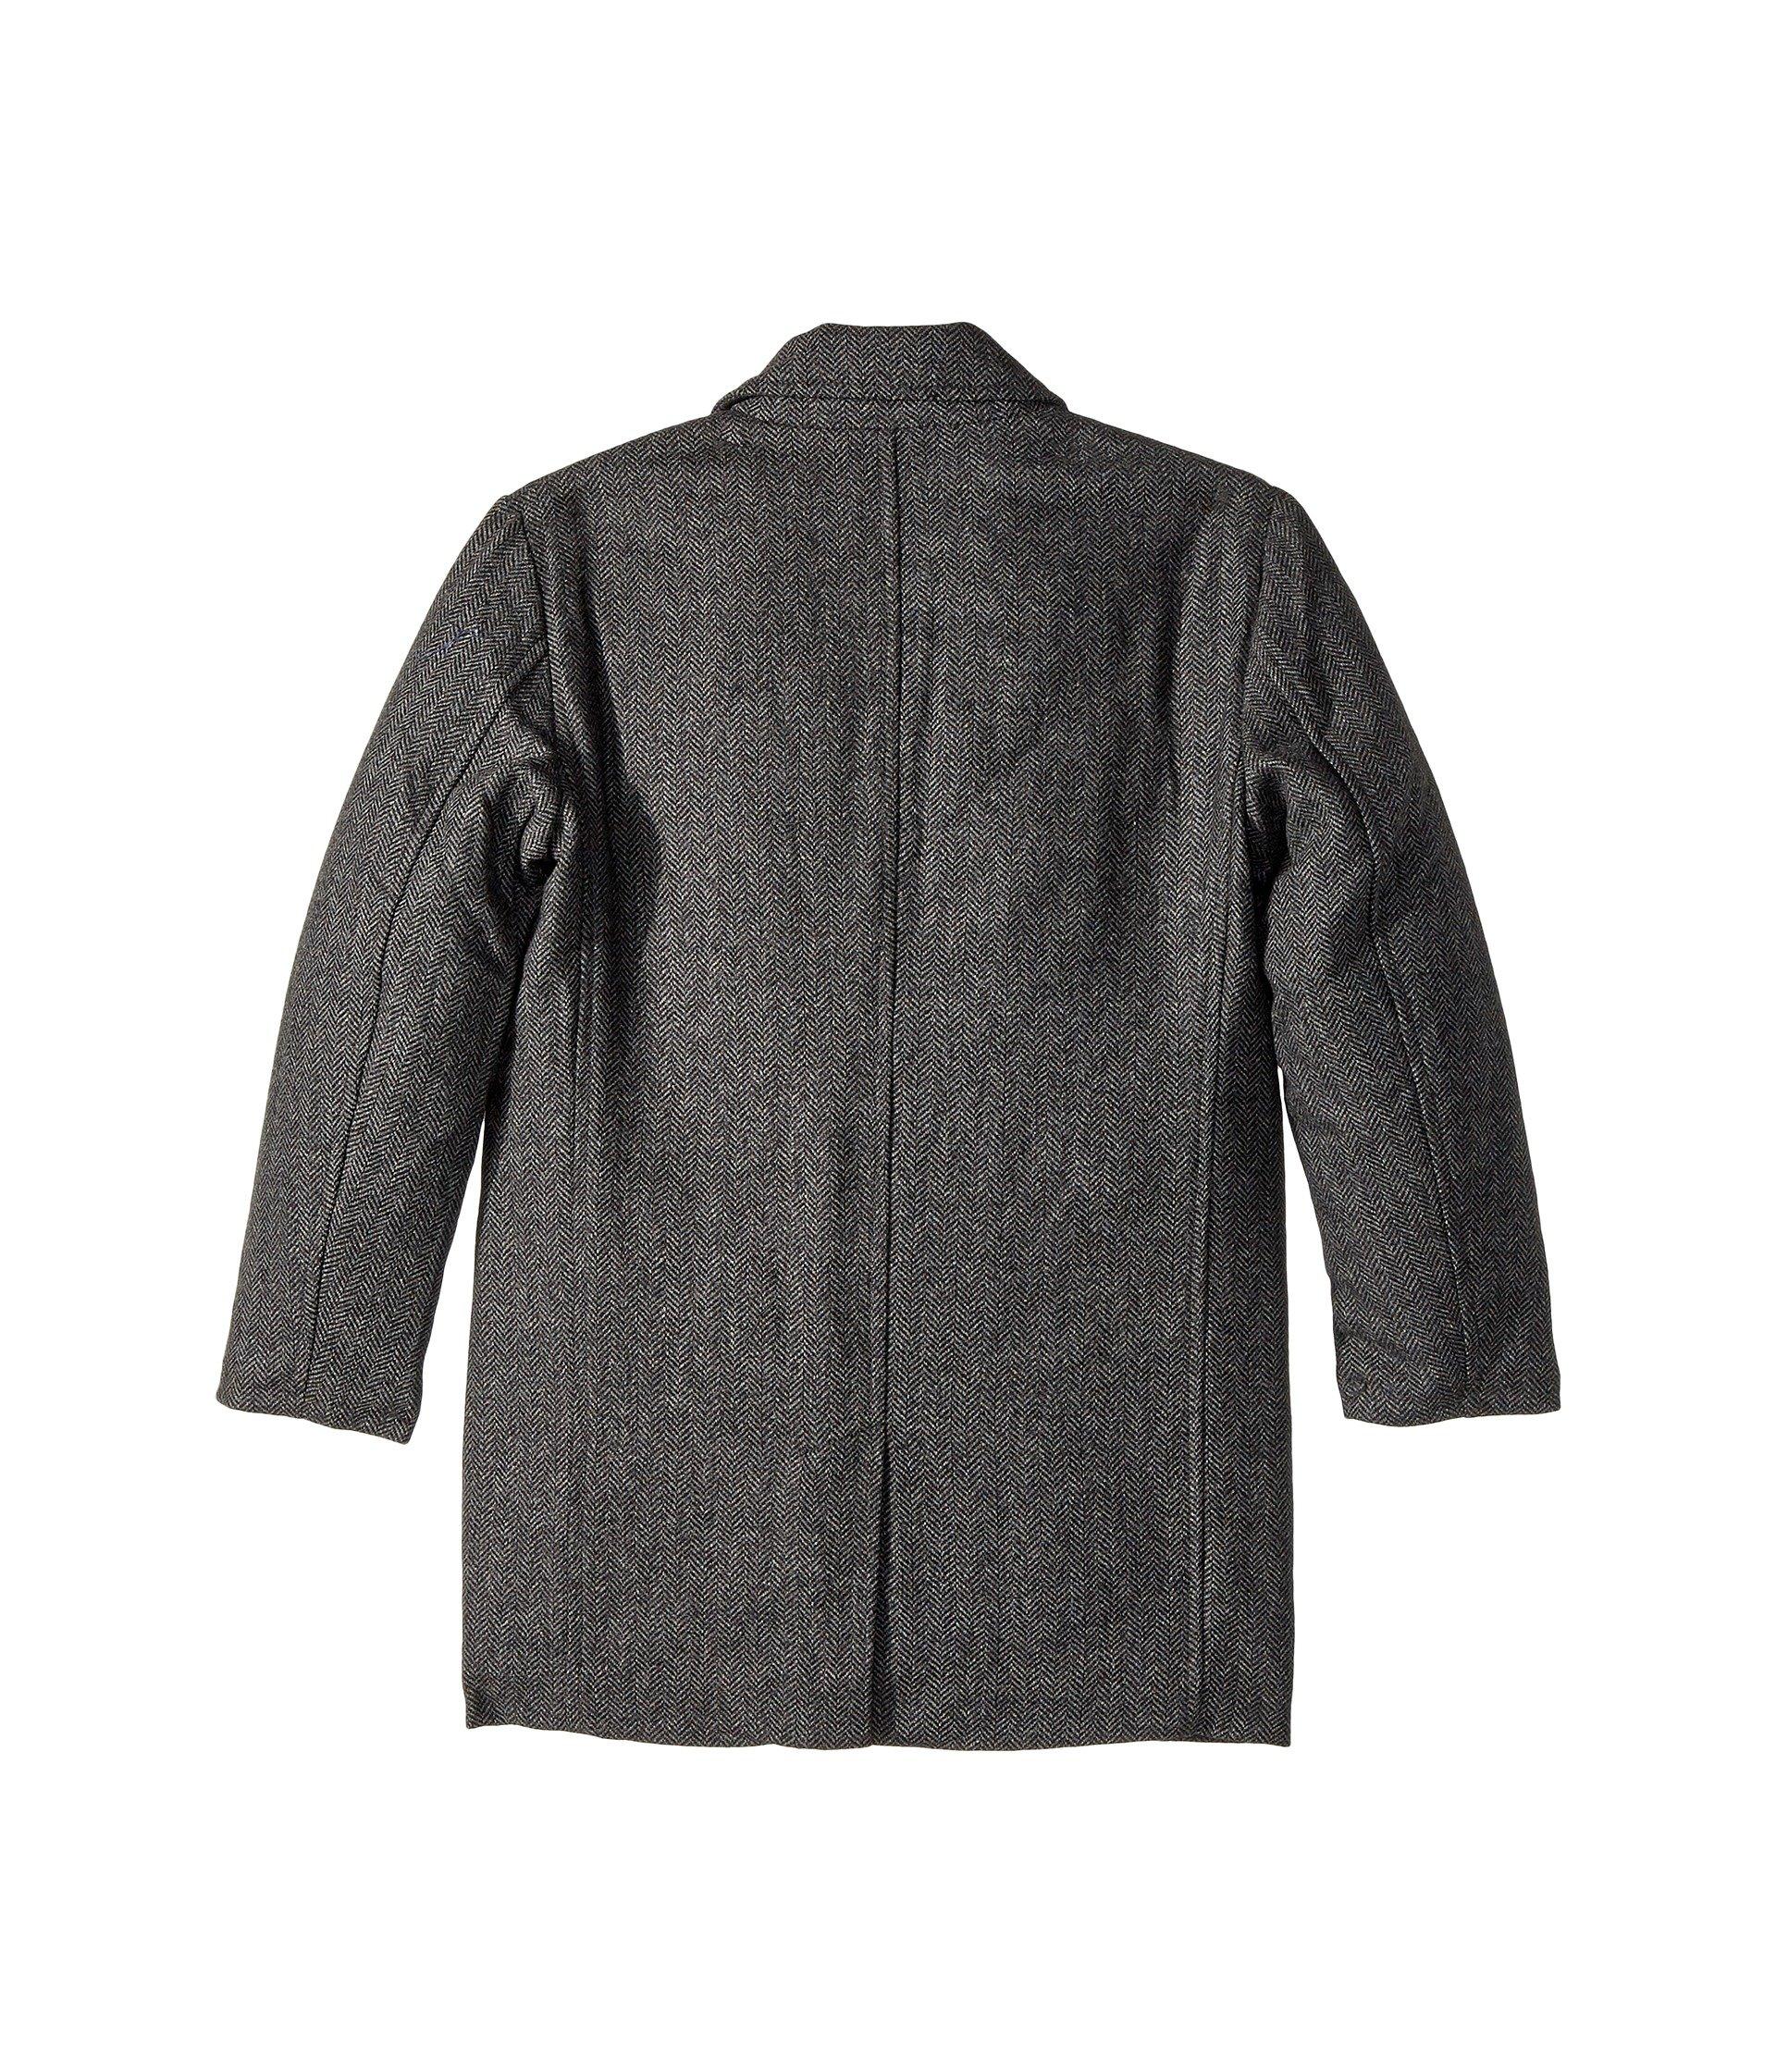 Overcoat for kids